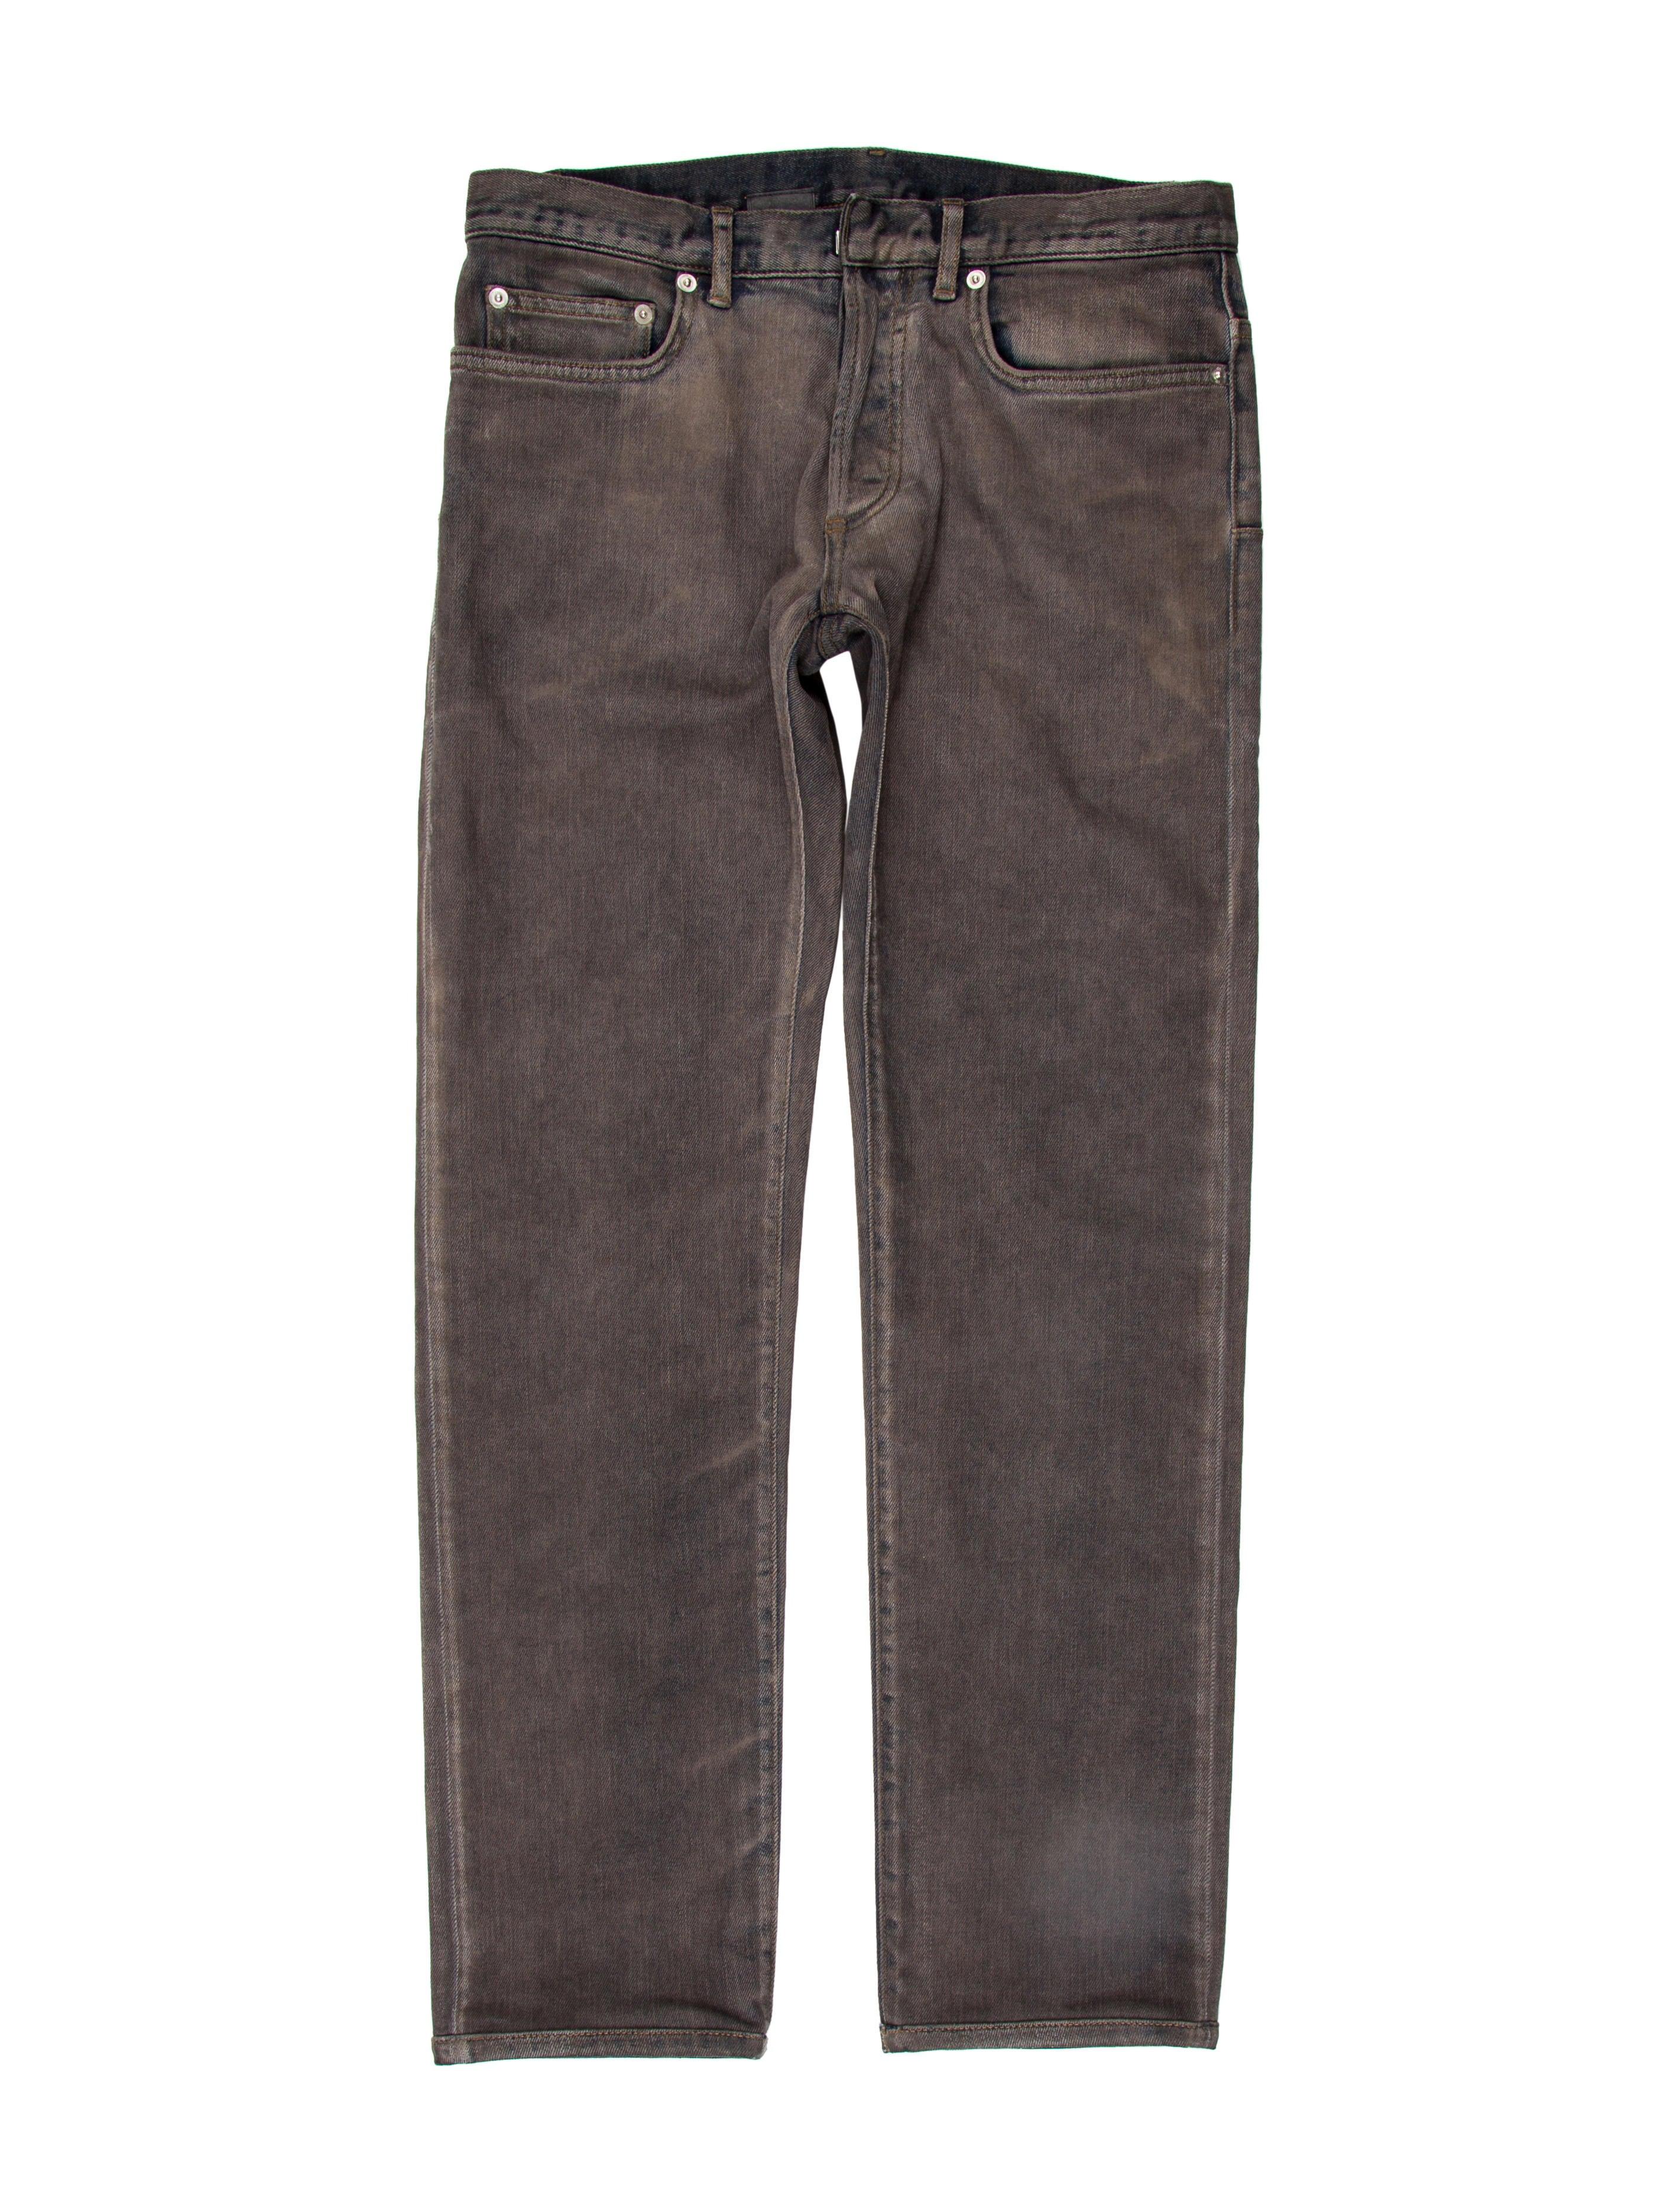 dior homme five pocket skinny jeans clothing hmm22720 the realreal. Black Bedroom Furniture Sets. Home Design Ideas